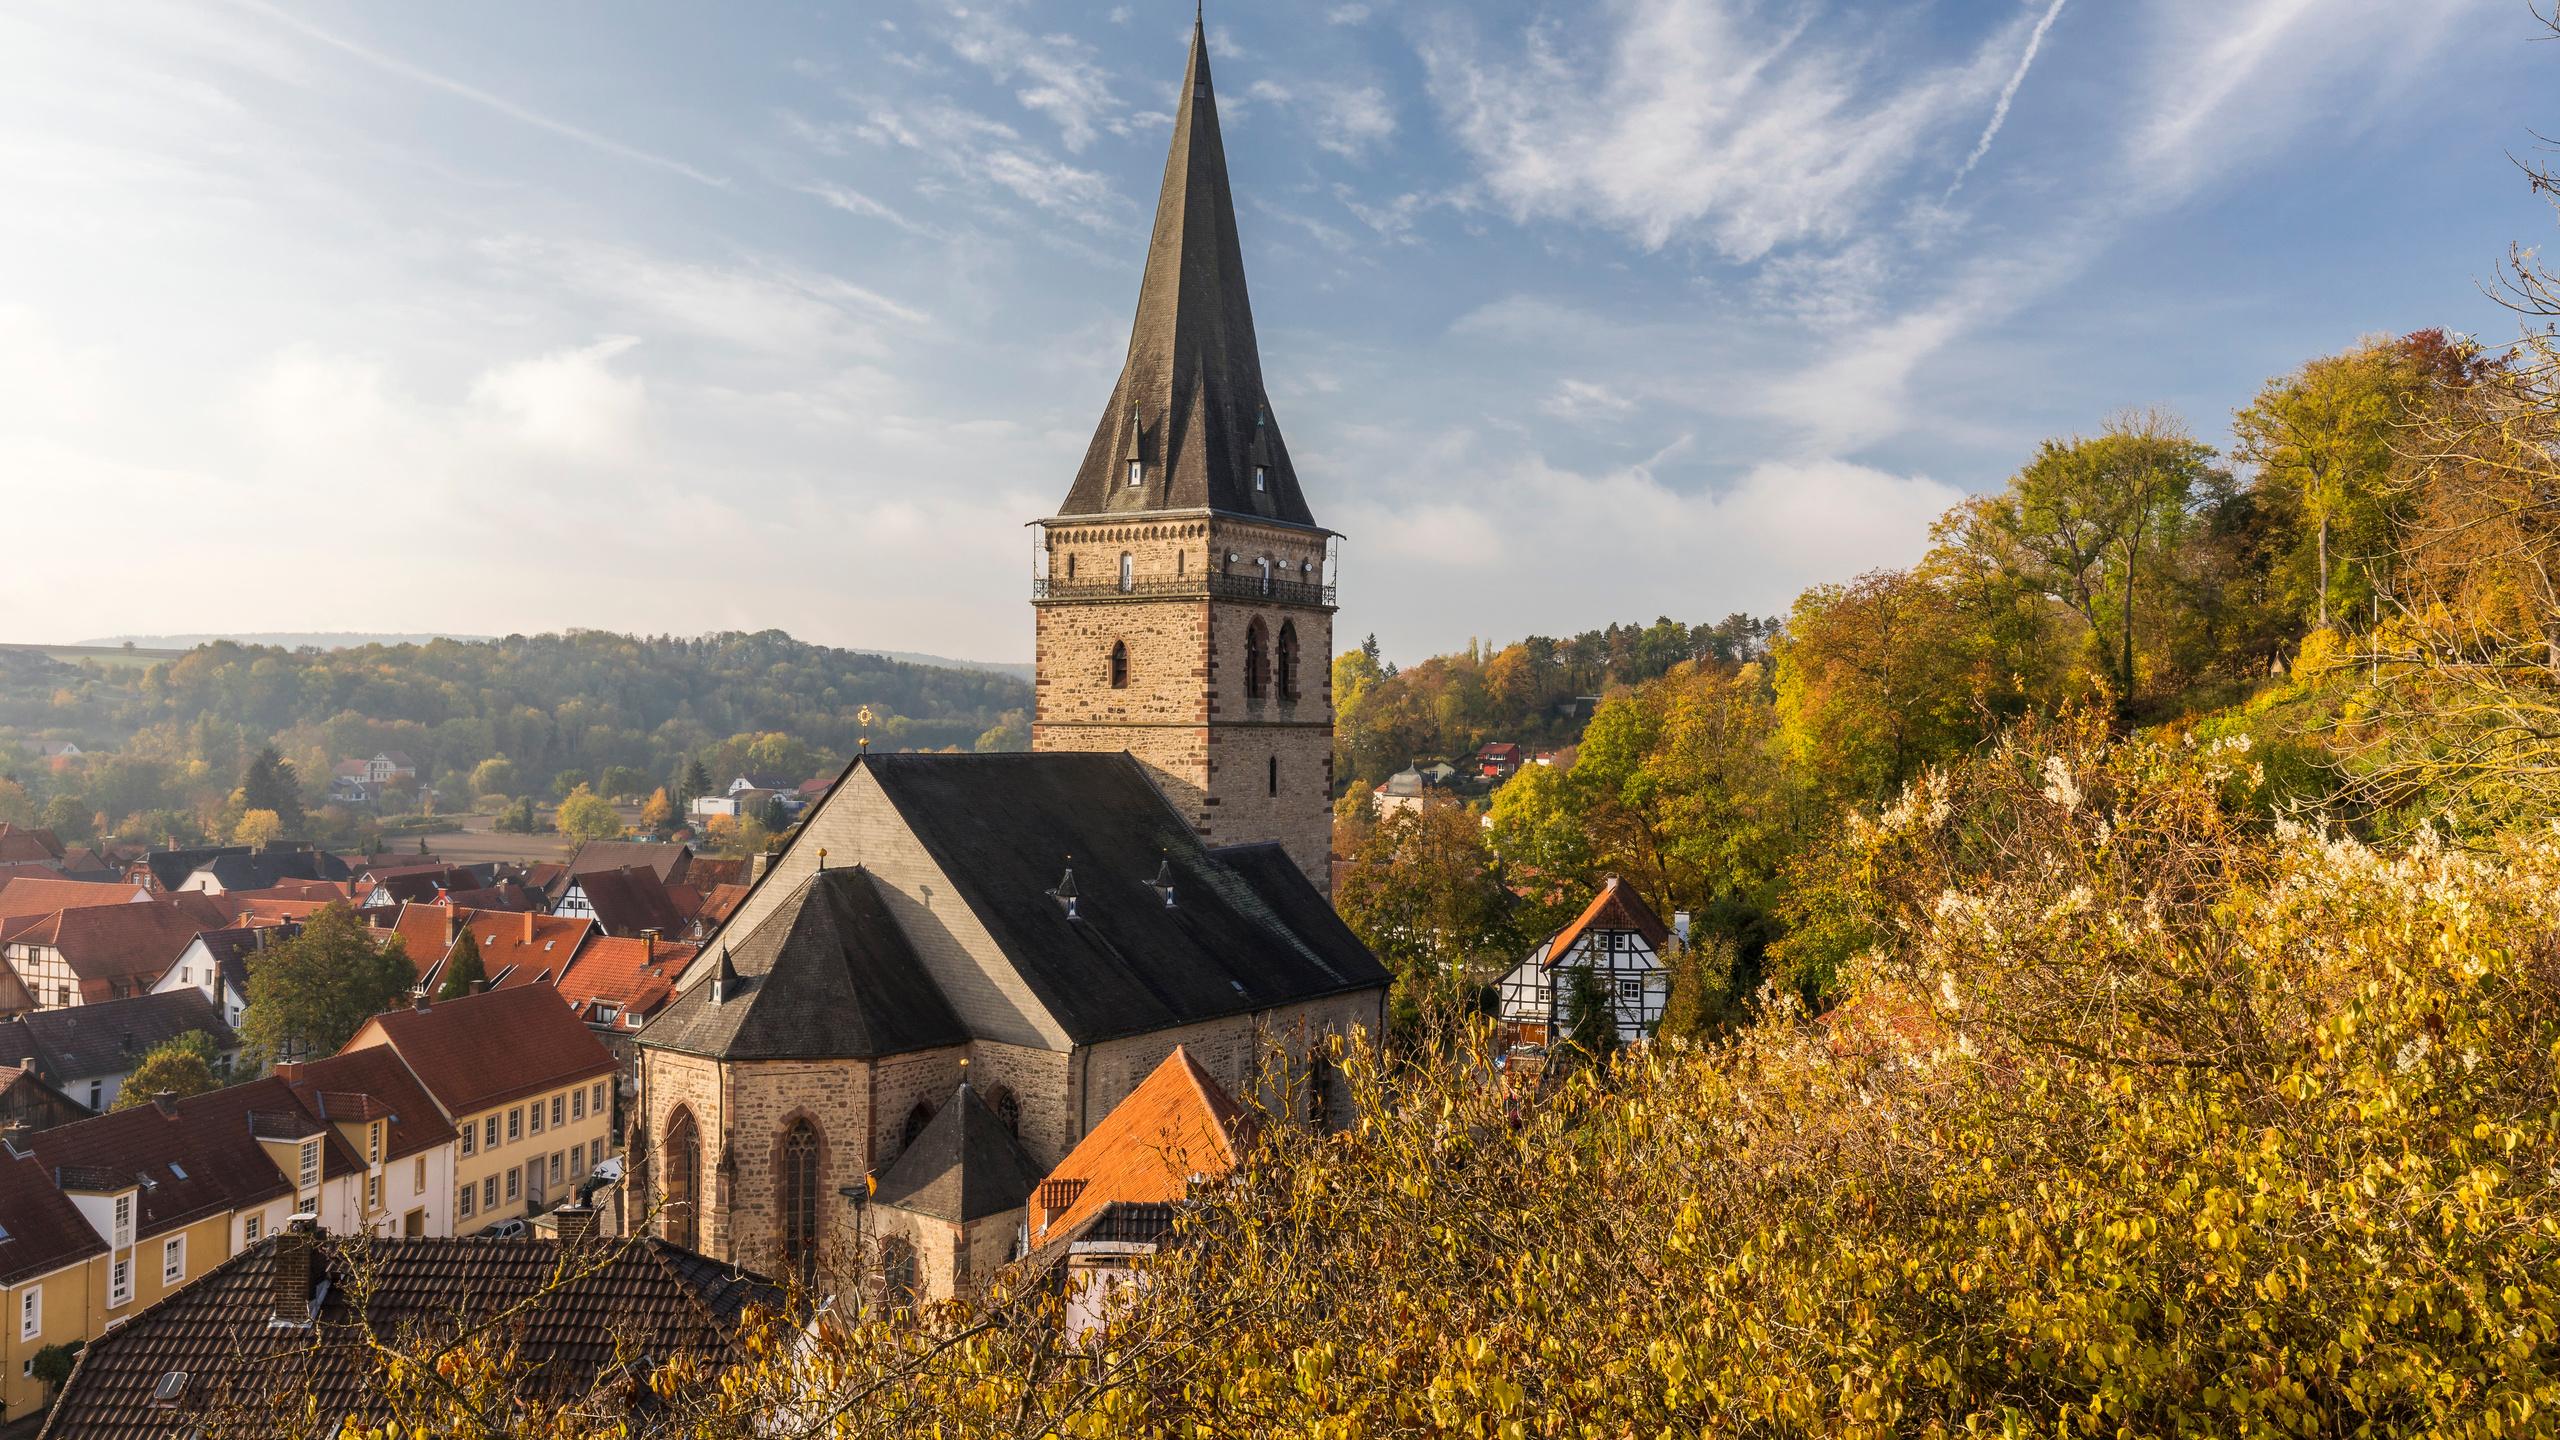 германия, осень, дома, warburg, башня, город